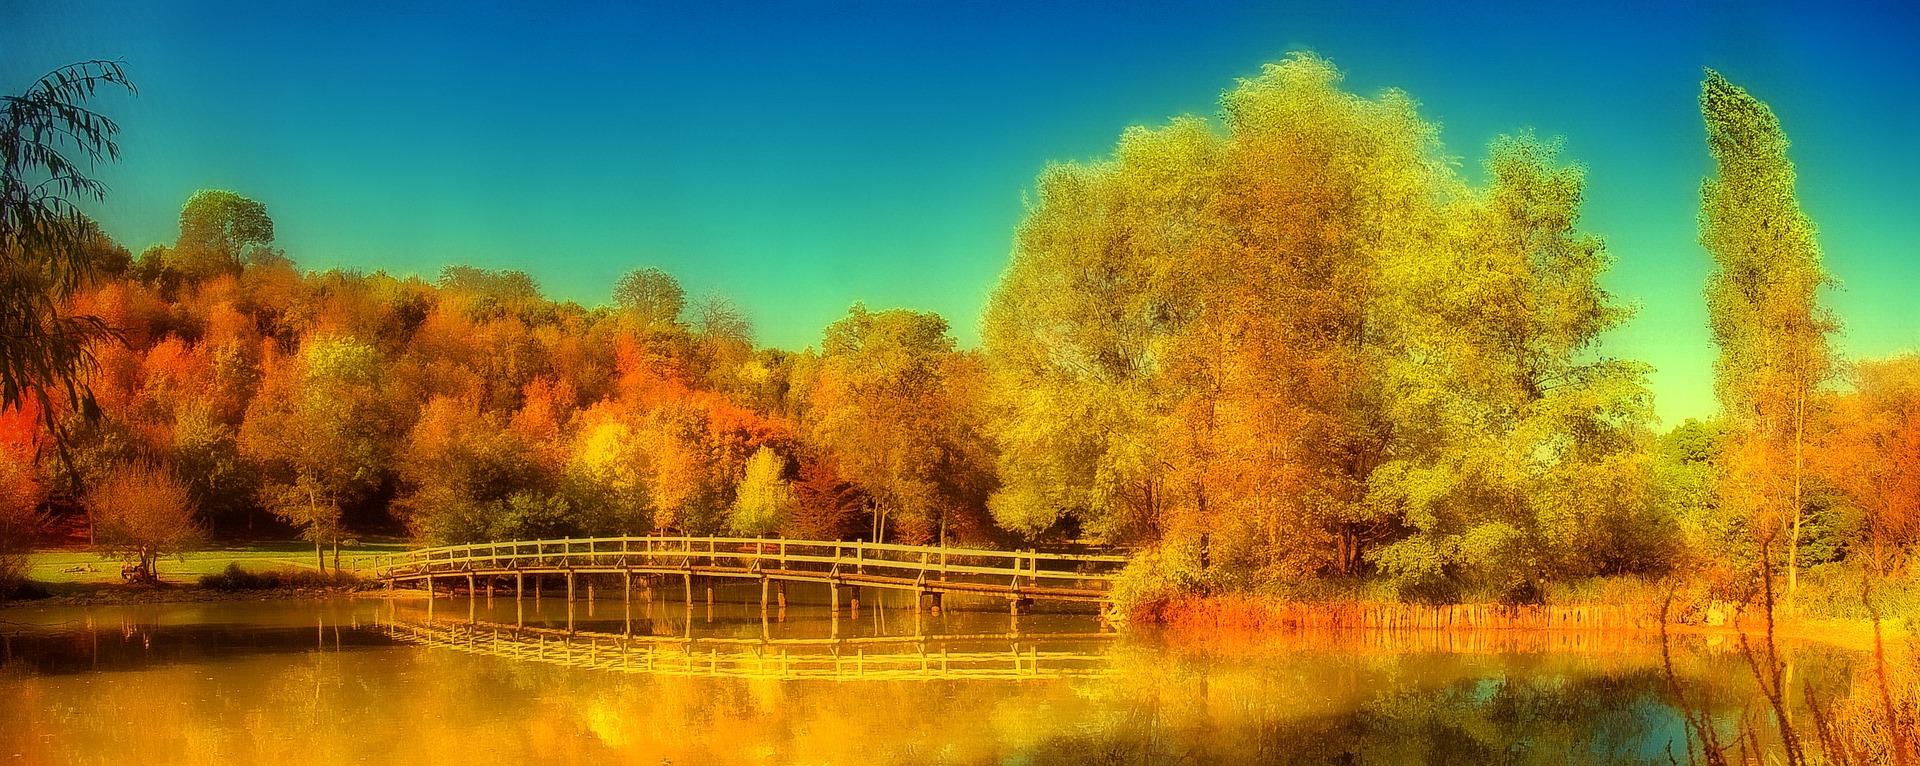 lake-874832_1920